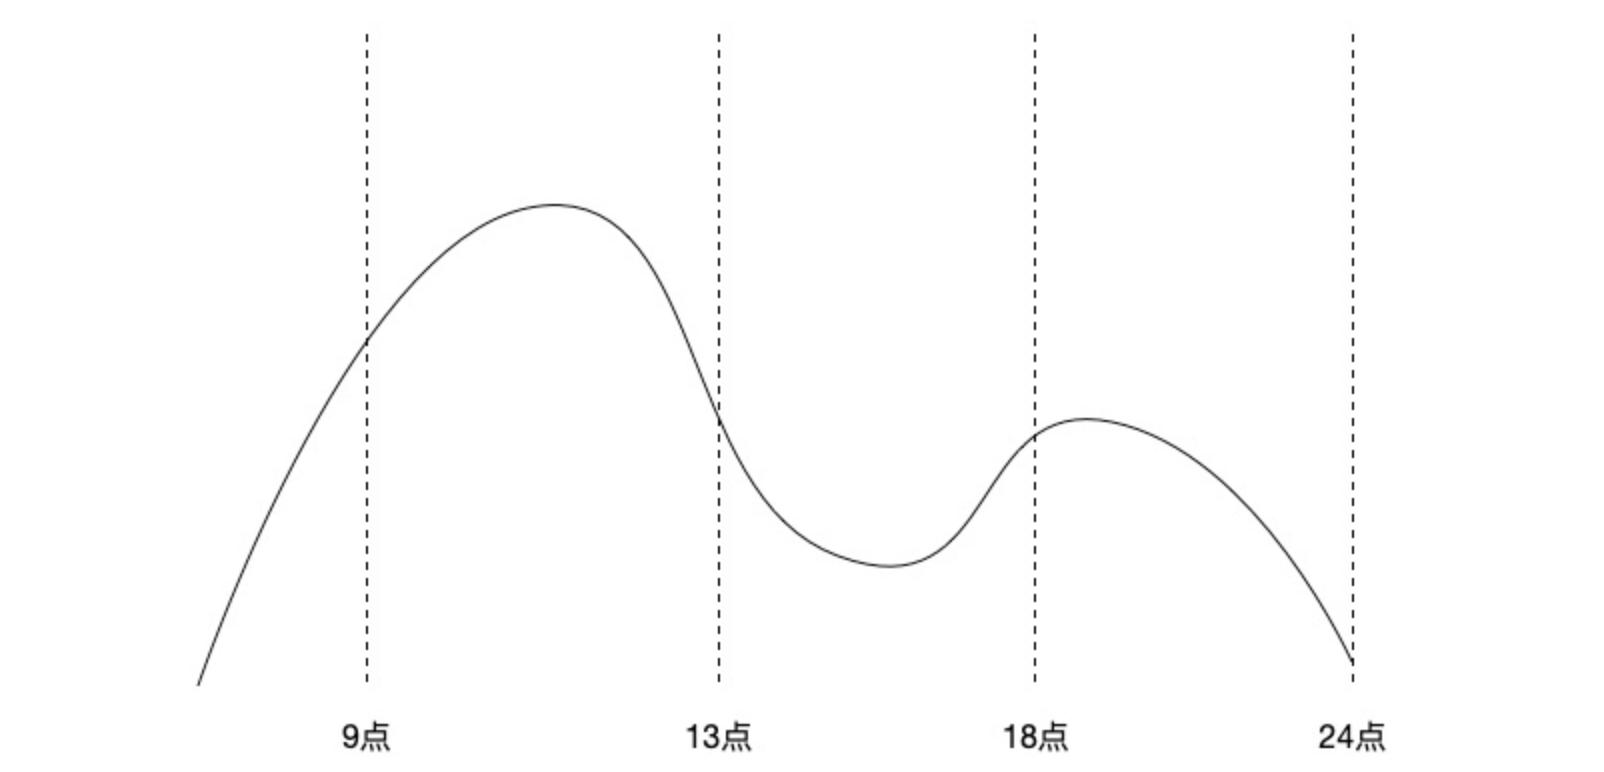 show-data-1